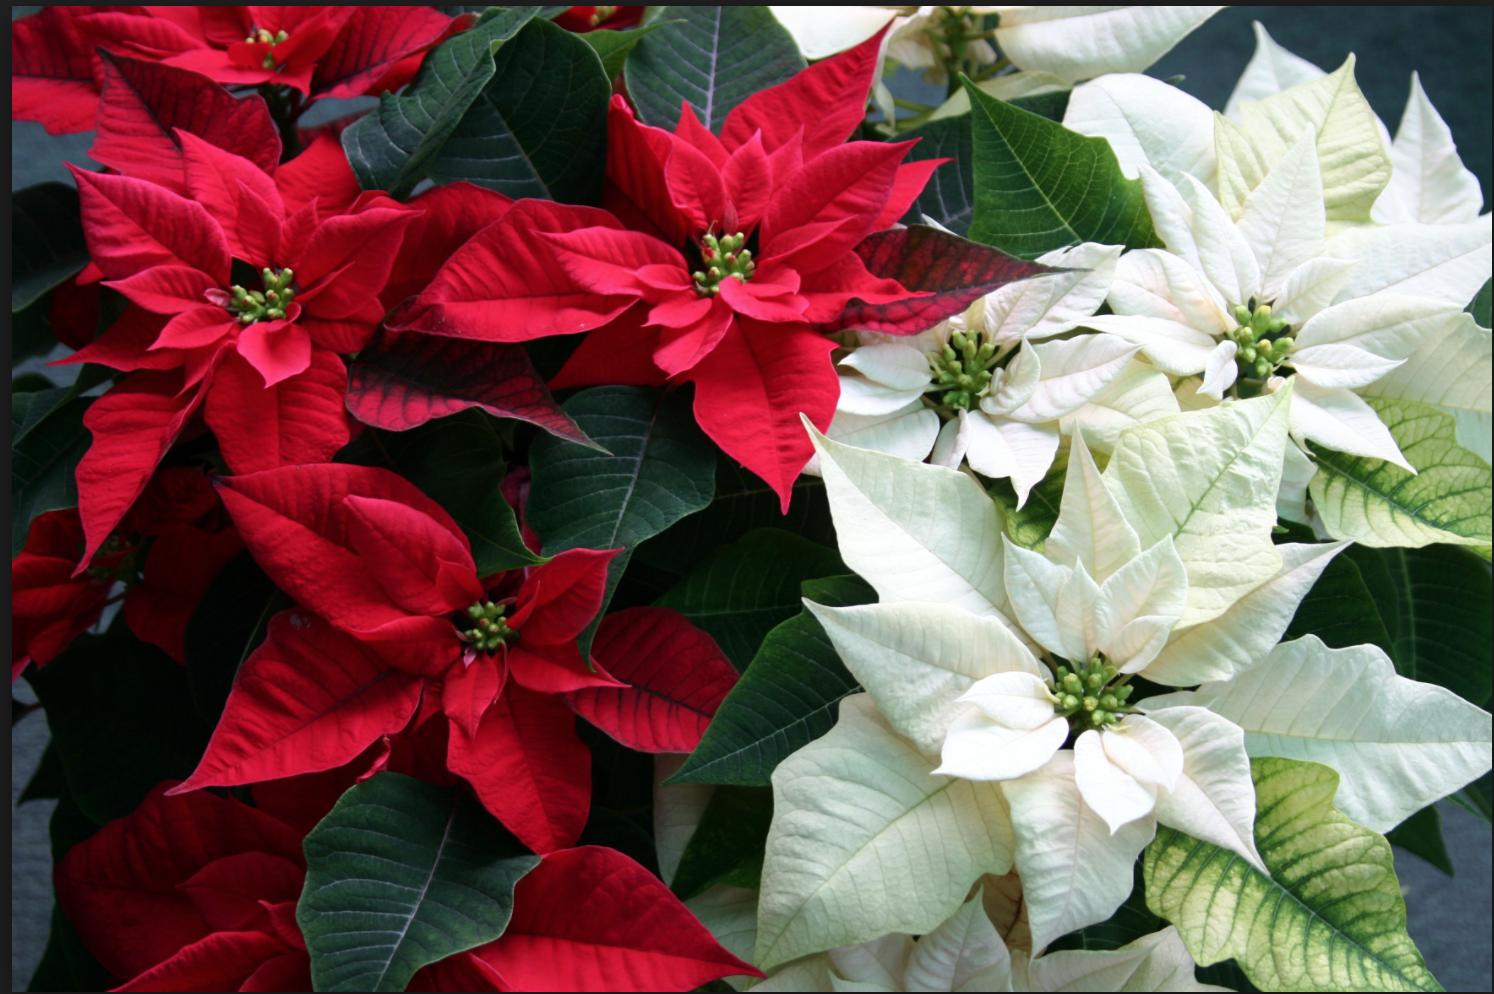 Цветок пуансетия - пересадка, уход и размножение 24